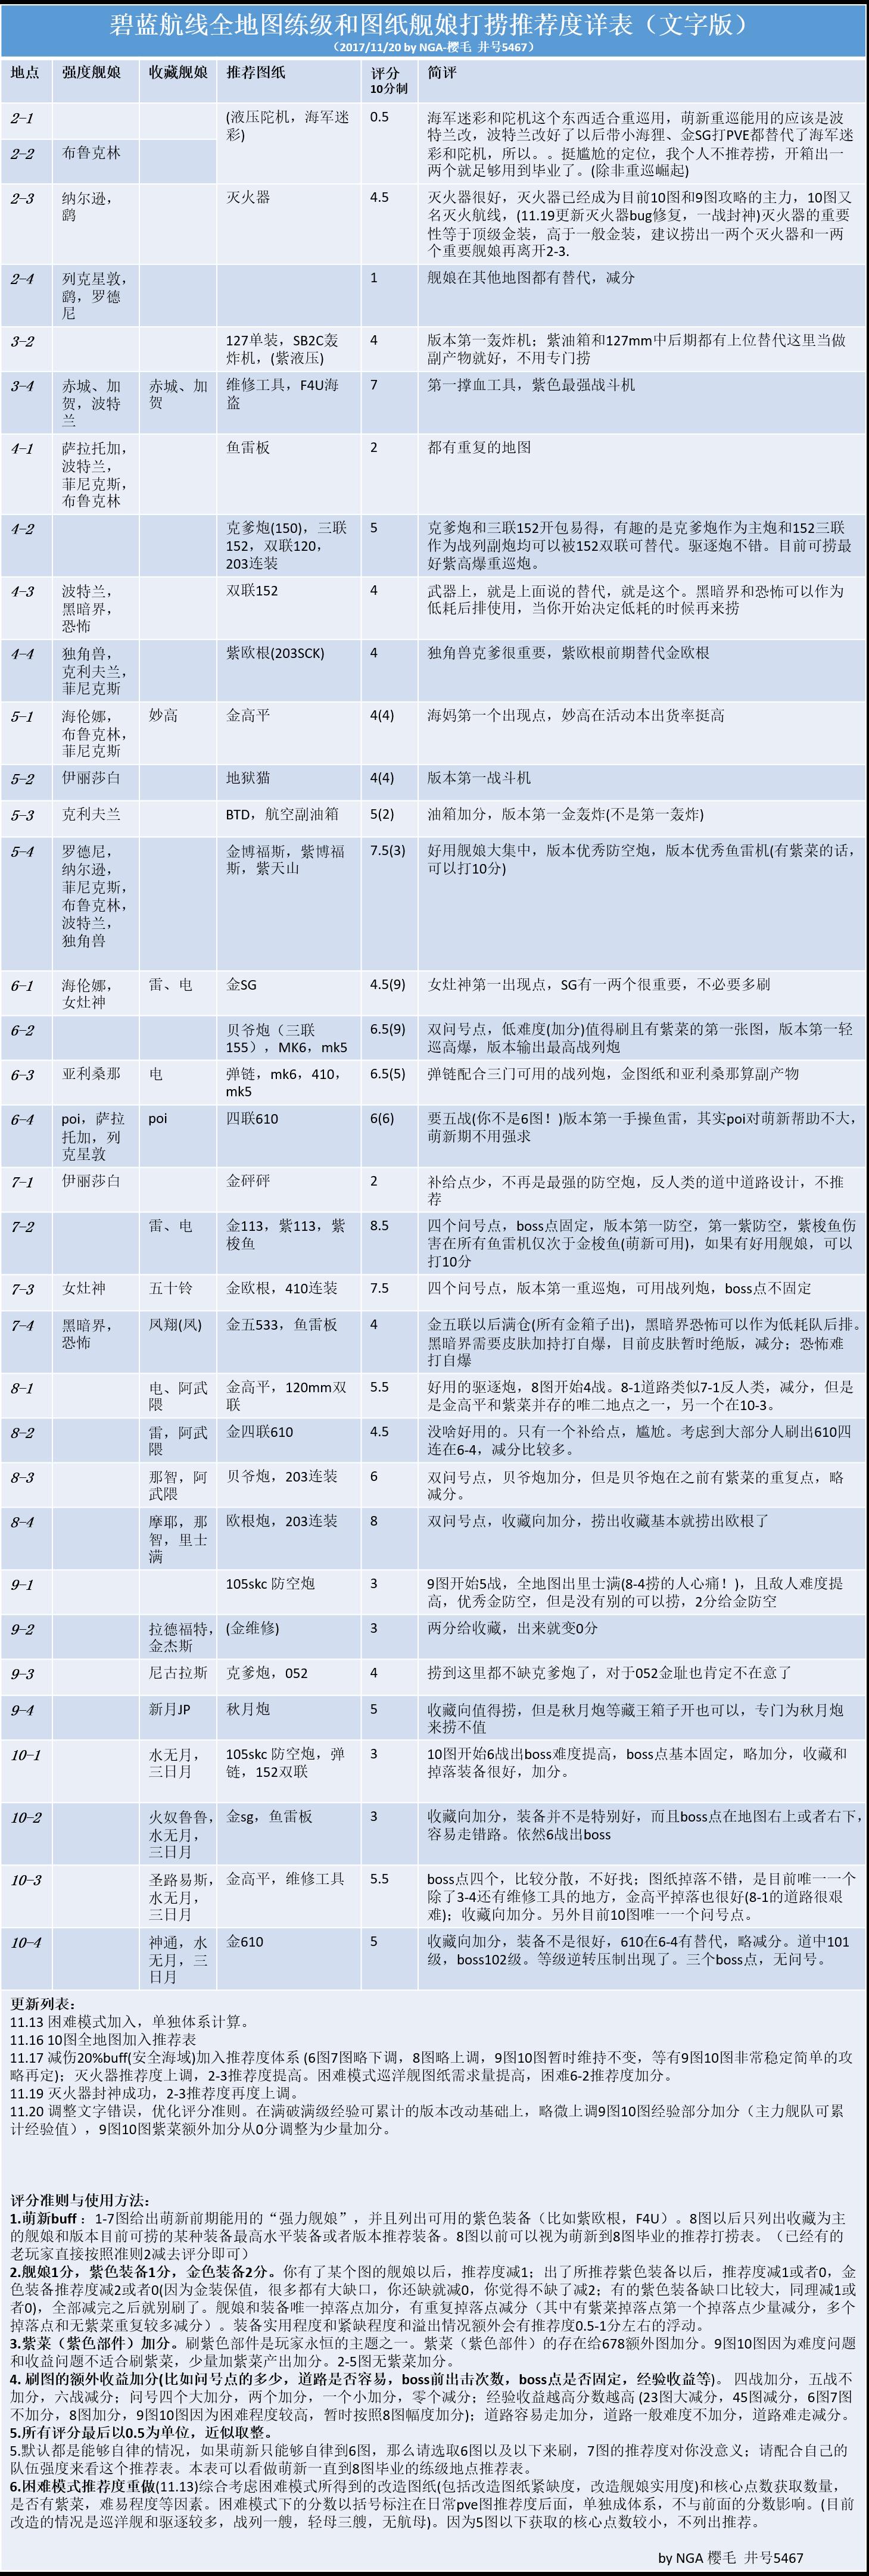 全地图推荐度.png